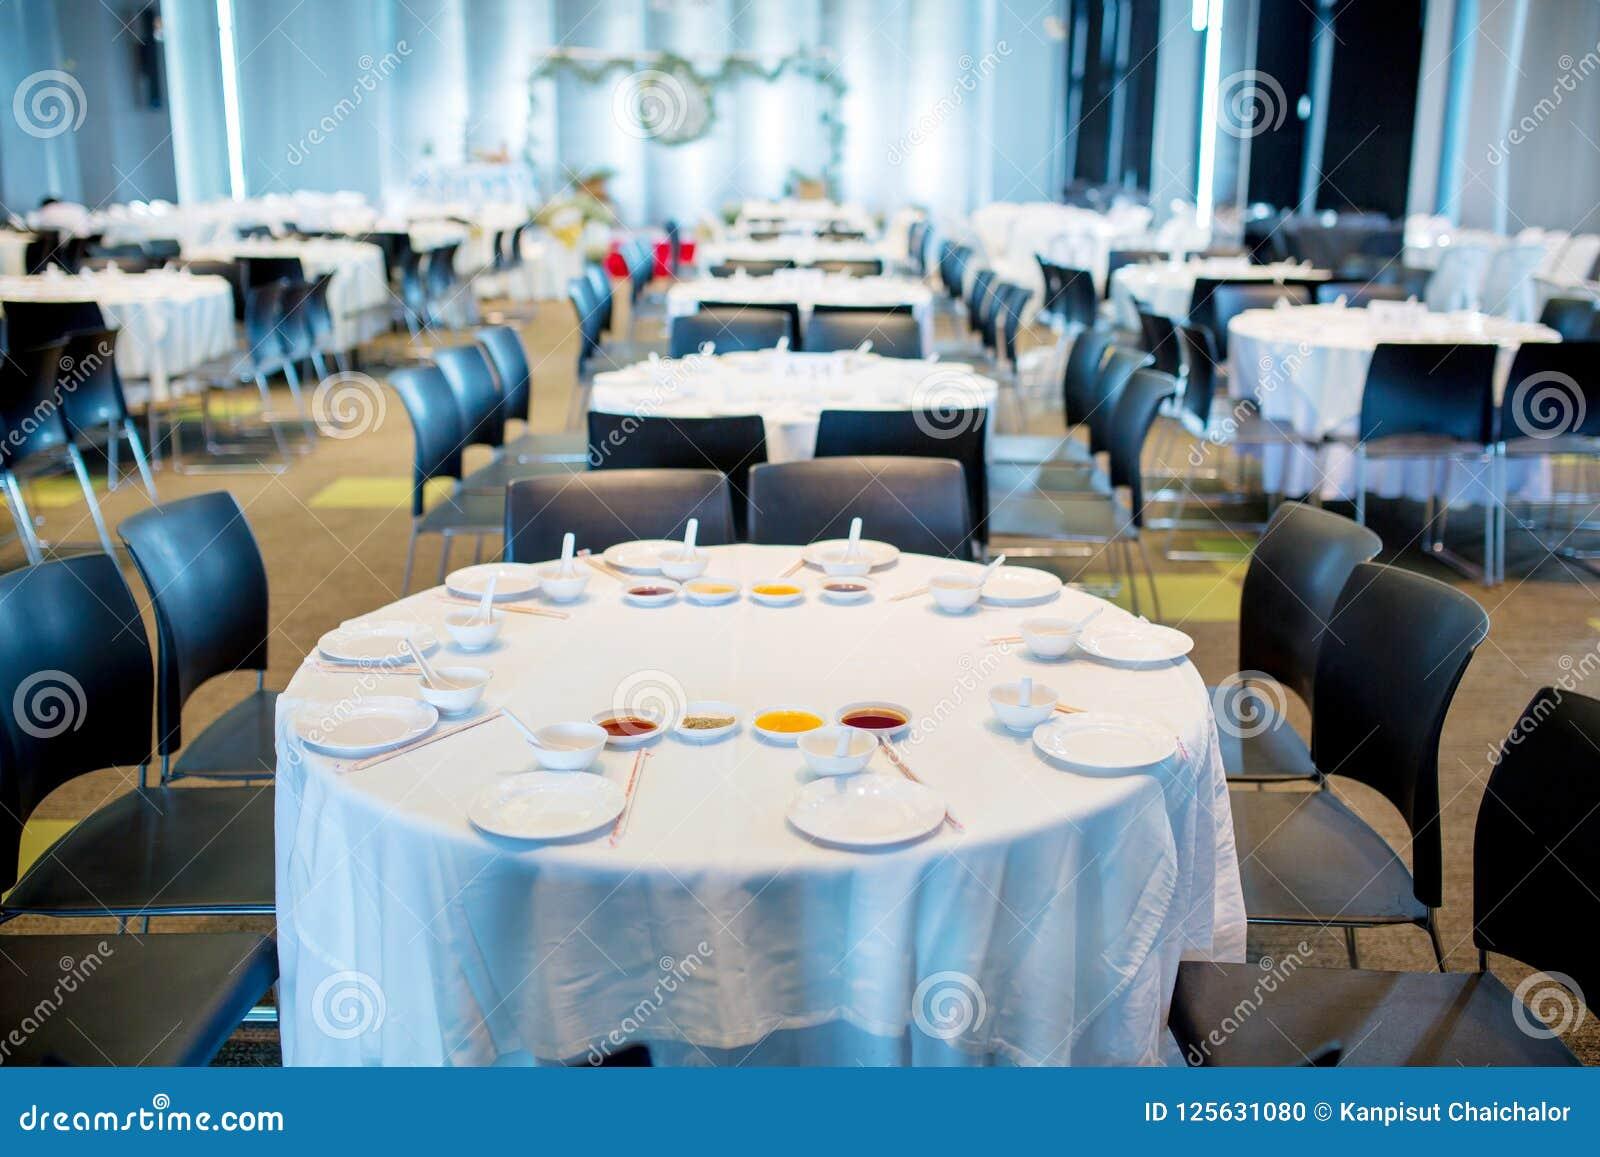 Tabellensatz, weiße Tabellenabnutzung für Hochzeit oder ein anderes versorgtes Ereignisabendessen,